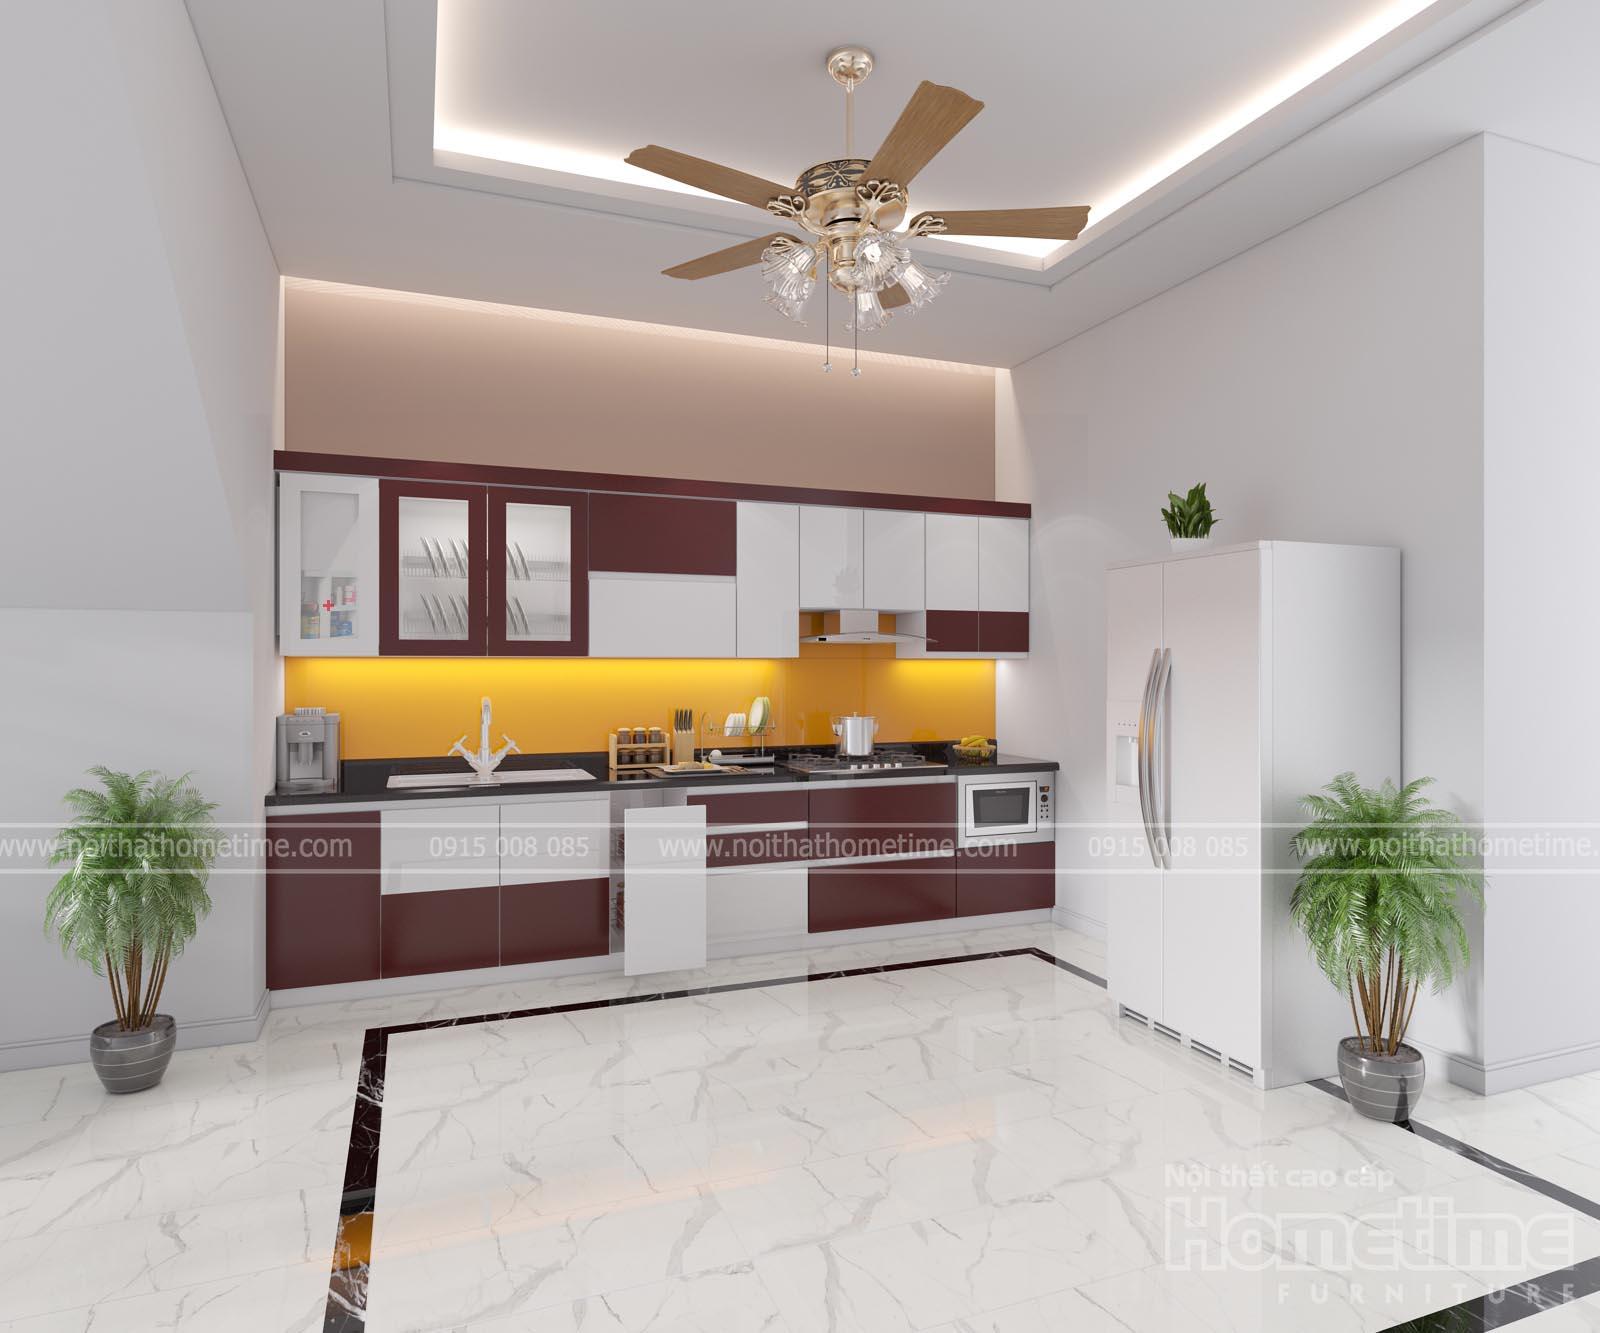 Thiết kế tủ bếp nhựa nhà chị Phượng An Dương